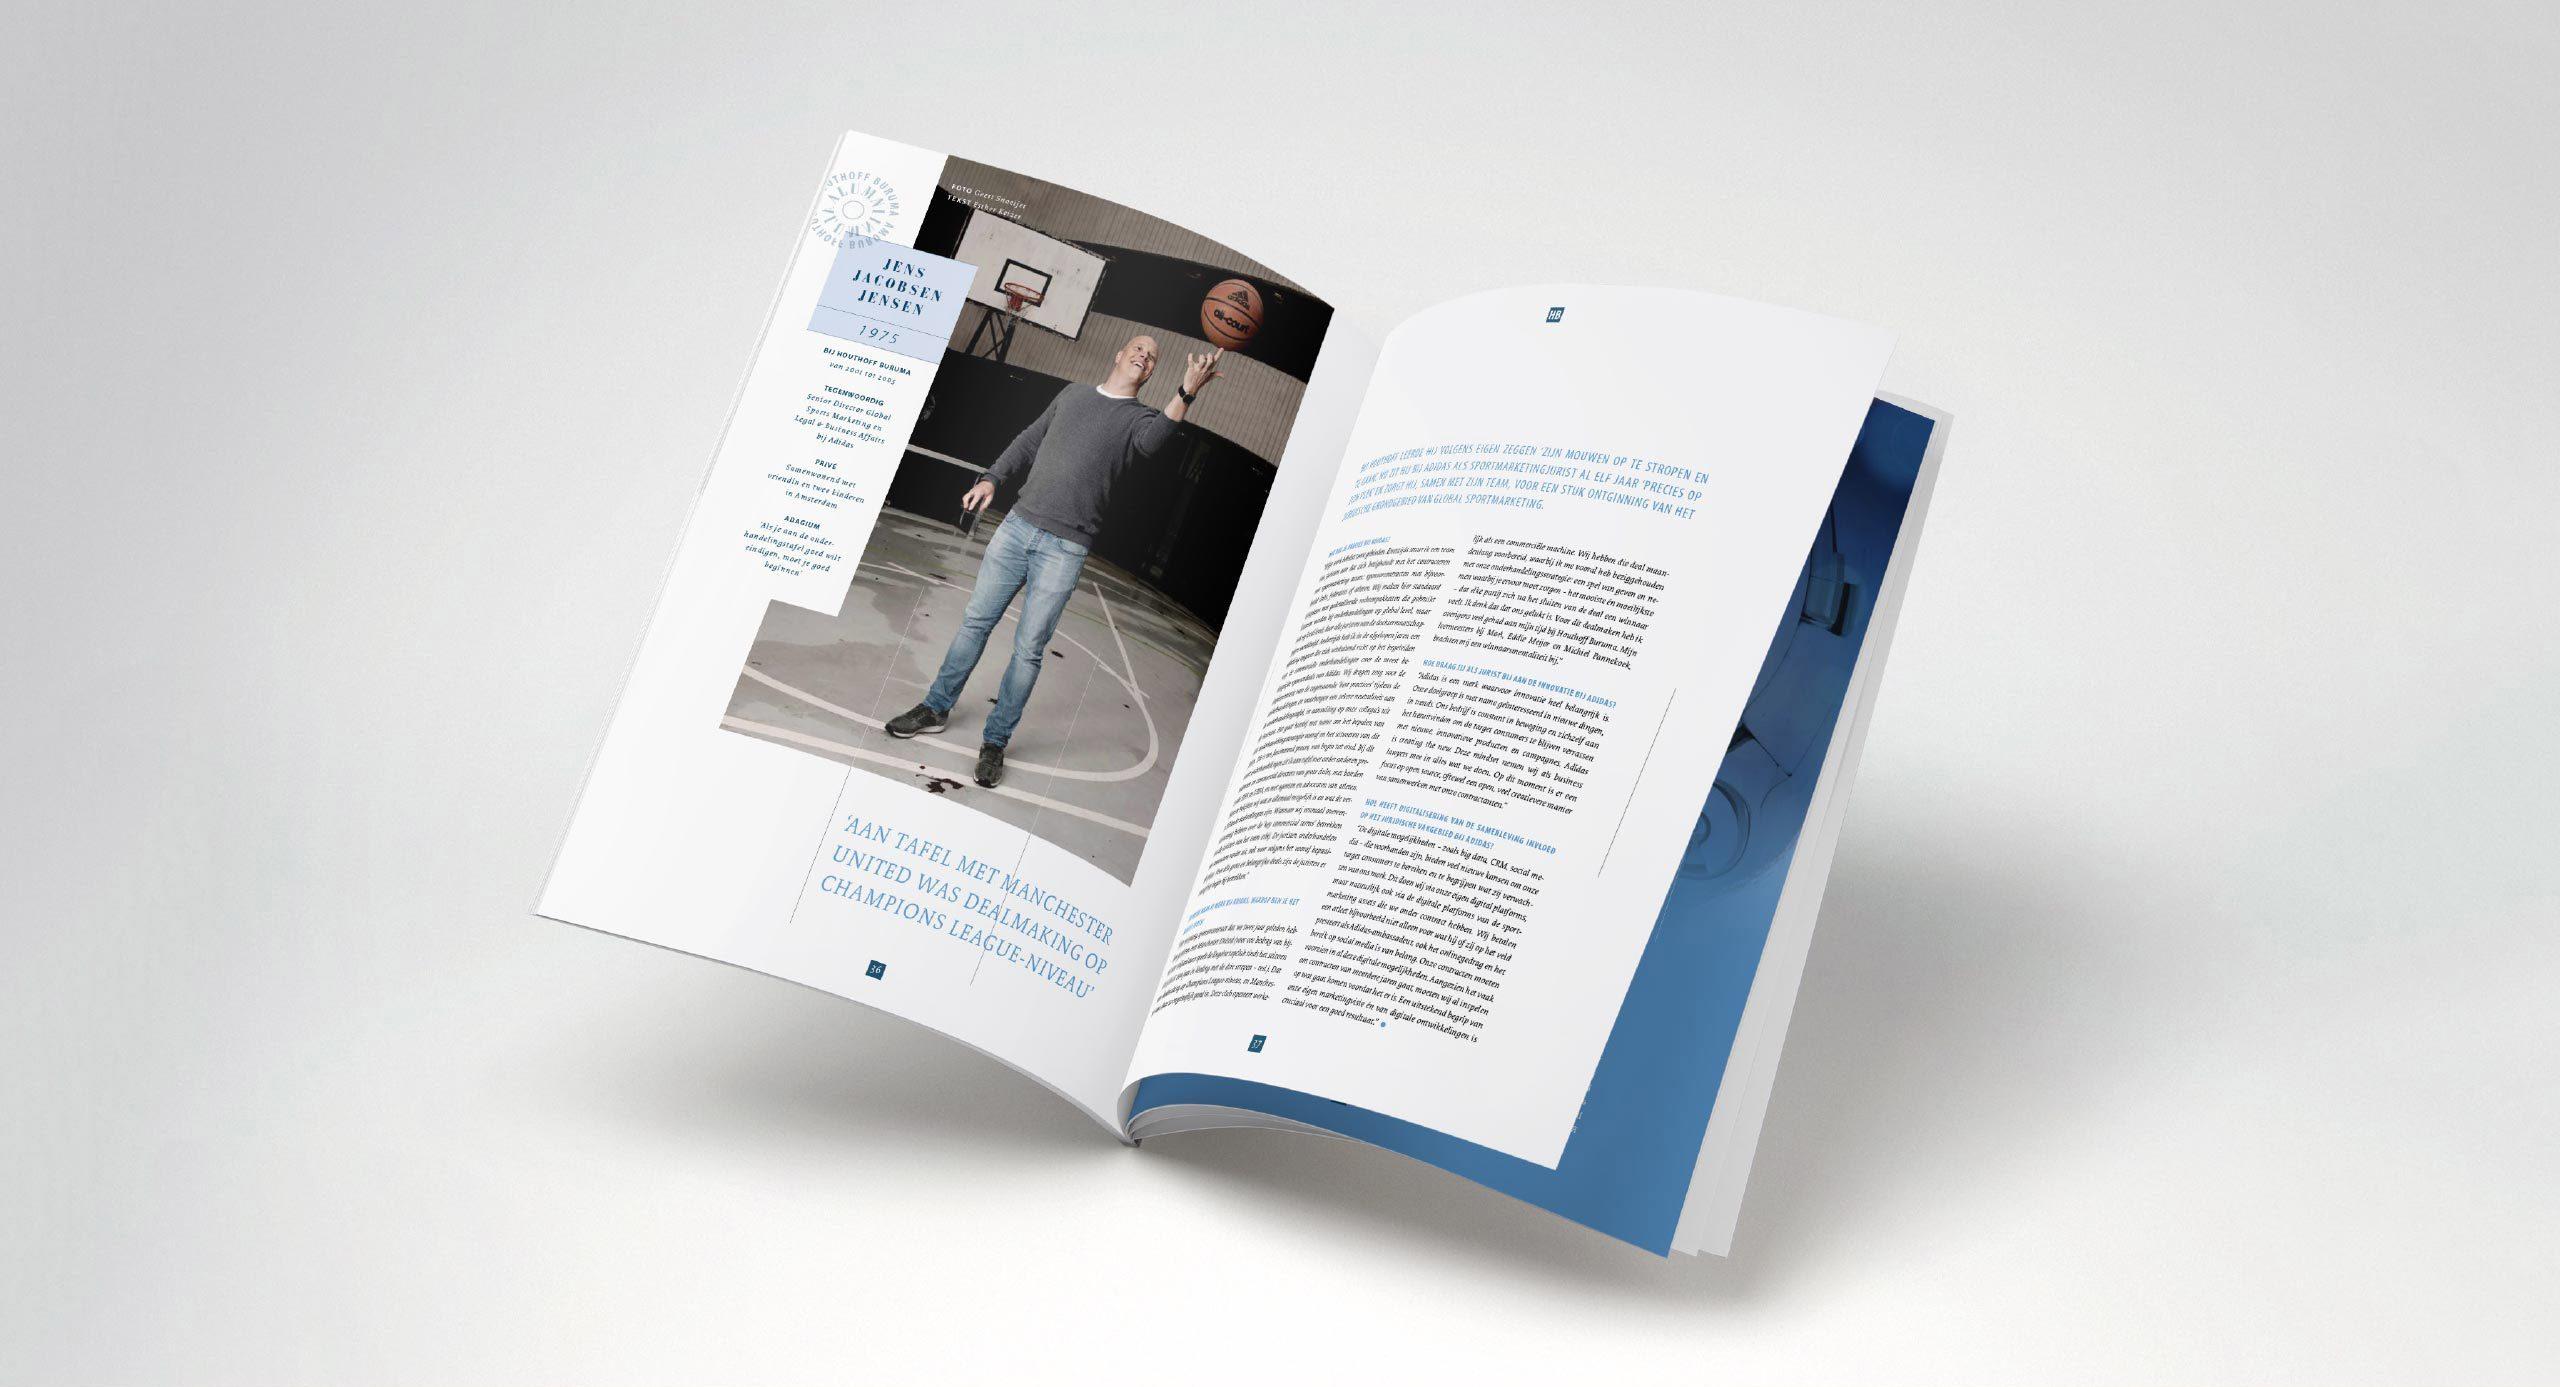 Responsive-online-magazine-alumni-houthoff-buruma-digitaal-dutchgiraffe-2017-print